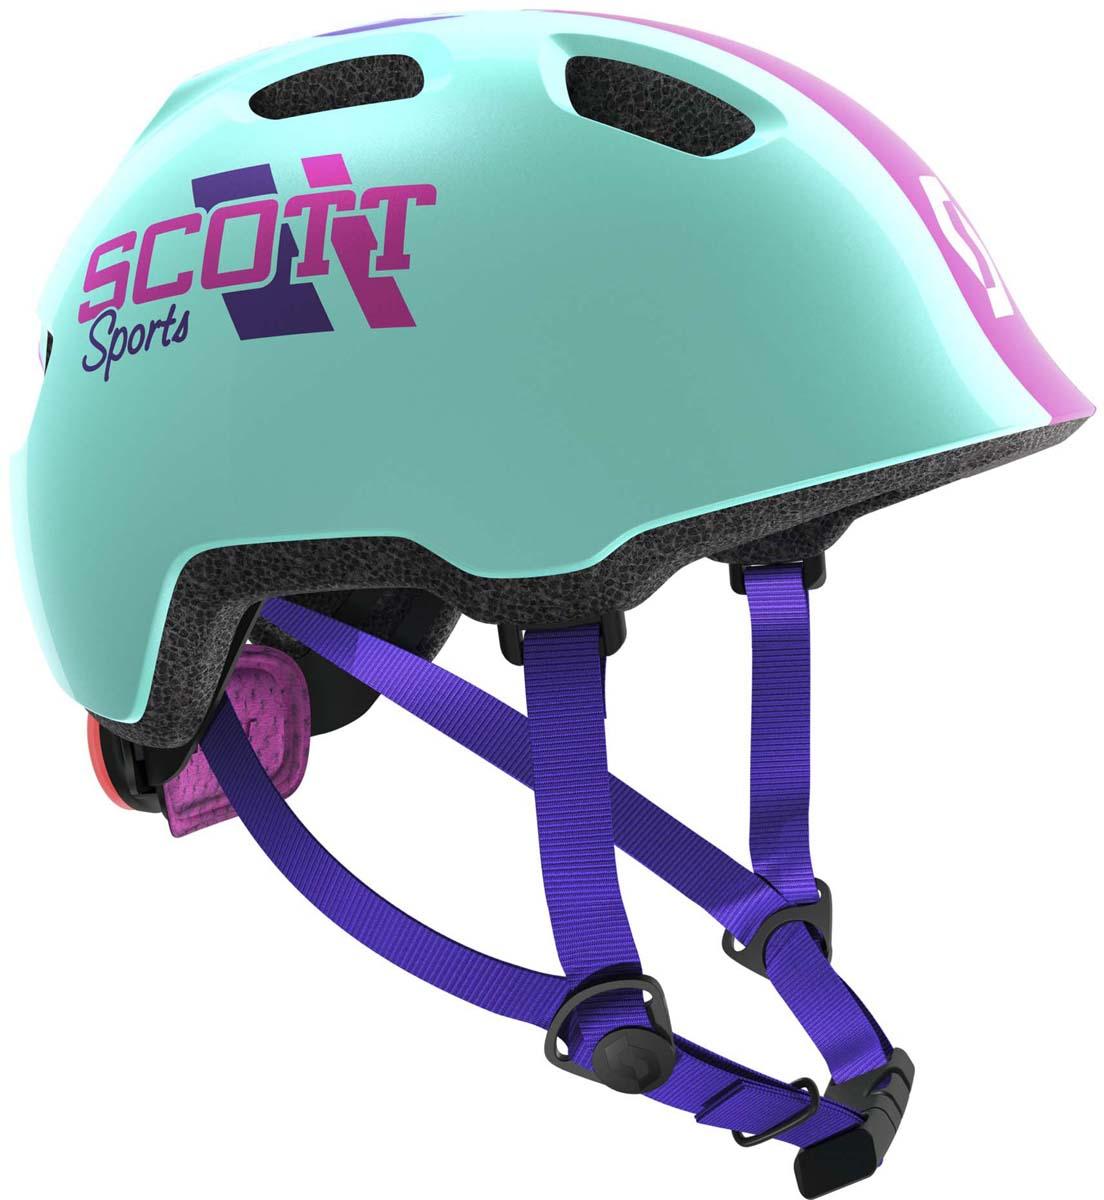 Шлем защитный Scott Chomp 2, цвет: синий. Размер 46-52241263-0003Главной особенностью нового детского шлема Scott Chomp 2 является повышенный уровень безопасности (пассивной и активной) и дополнительный комфорт. Задний мигающий фонарь позволит обезопасить ребенка в сумерках, передние рефлекторы ярко отражают встречный свет. Дополнительный мягкий материал для охвата головы и более комфортная система уплотнений вместе сделают все возможное для максимально безопасного катания на велосипеде. Добавьте к этому яркие и веселые расцветки, низкий профиль задней части для поездок в специальном детском сиденье, легко регулируемую систему подгонки RAS2 и вы получите превосходный детский шлем по очень привлекательной цене.Особенности Scott Chomp 2: - технология In-Mold (прессованный пенопласт, амортизирующий удар); - технология PC Micro Shell (поликарбонат); - система подгонки RAS2; - задний мигающий фонарь; - светоотражающие наклейки спереди; - дополнительная защита головы; - вес 230 г (примерный); - размеры: один размер; - для окружности головы 46-52 см; - в среднем, для возраста от 3 до 9 лет.